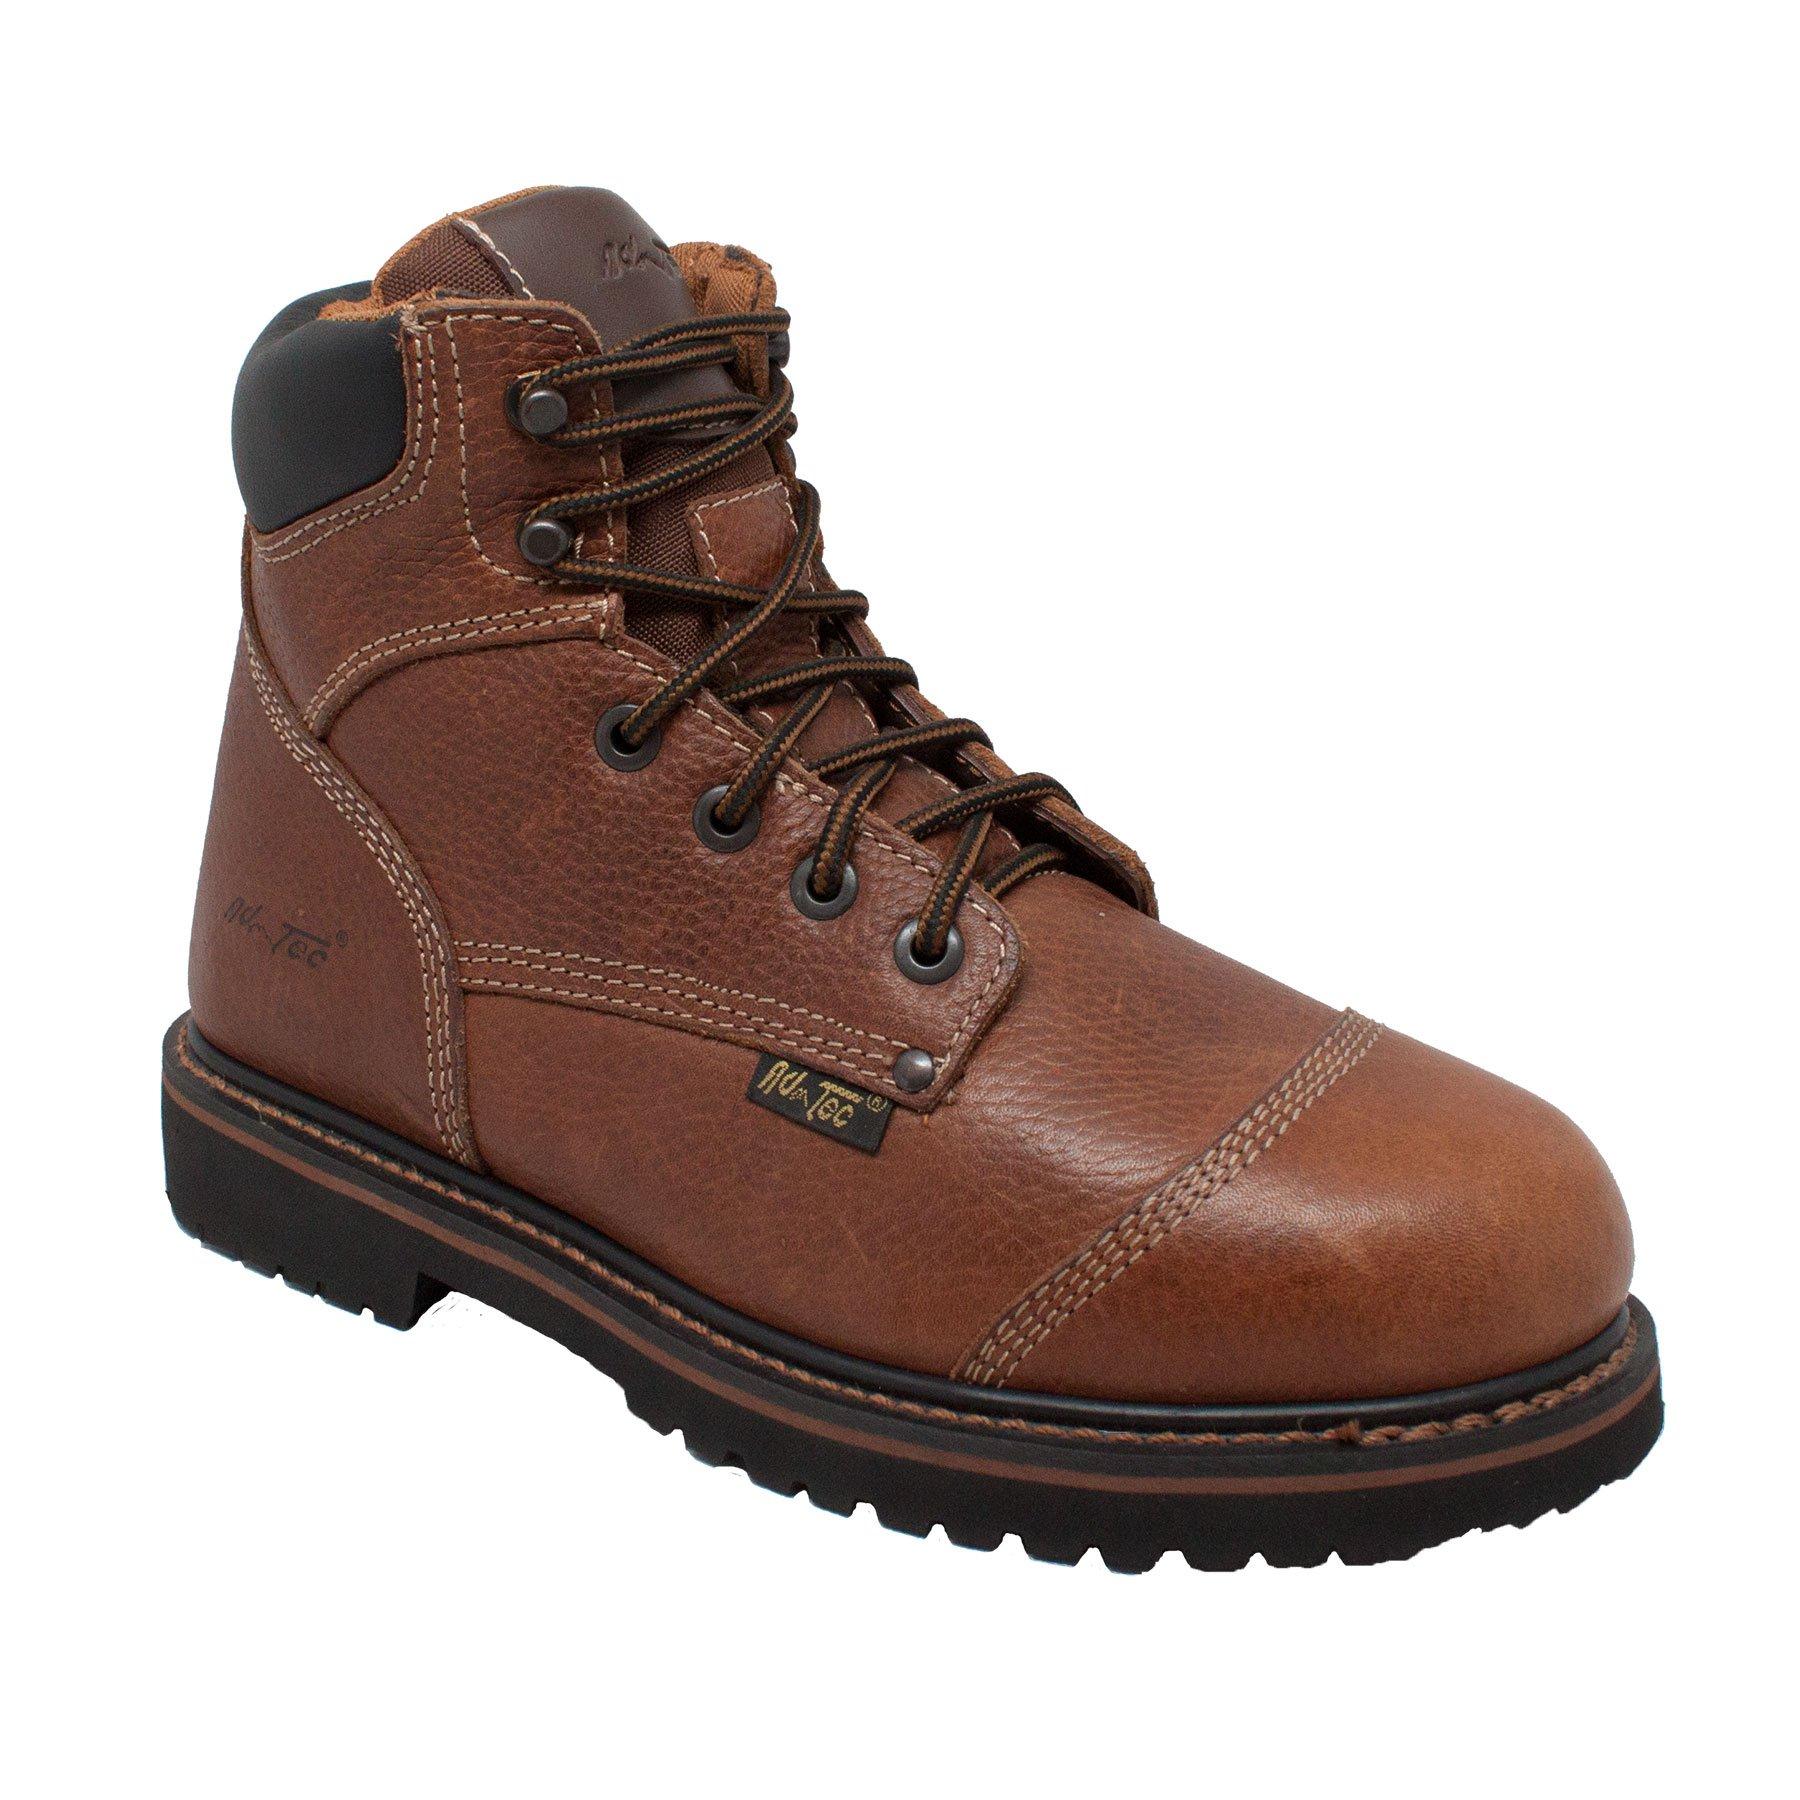 Adtec Men's 6 inch Comfort Work Boot, Light Brown, 8.5 W US